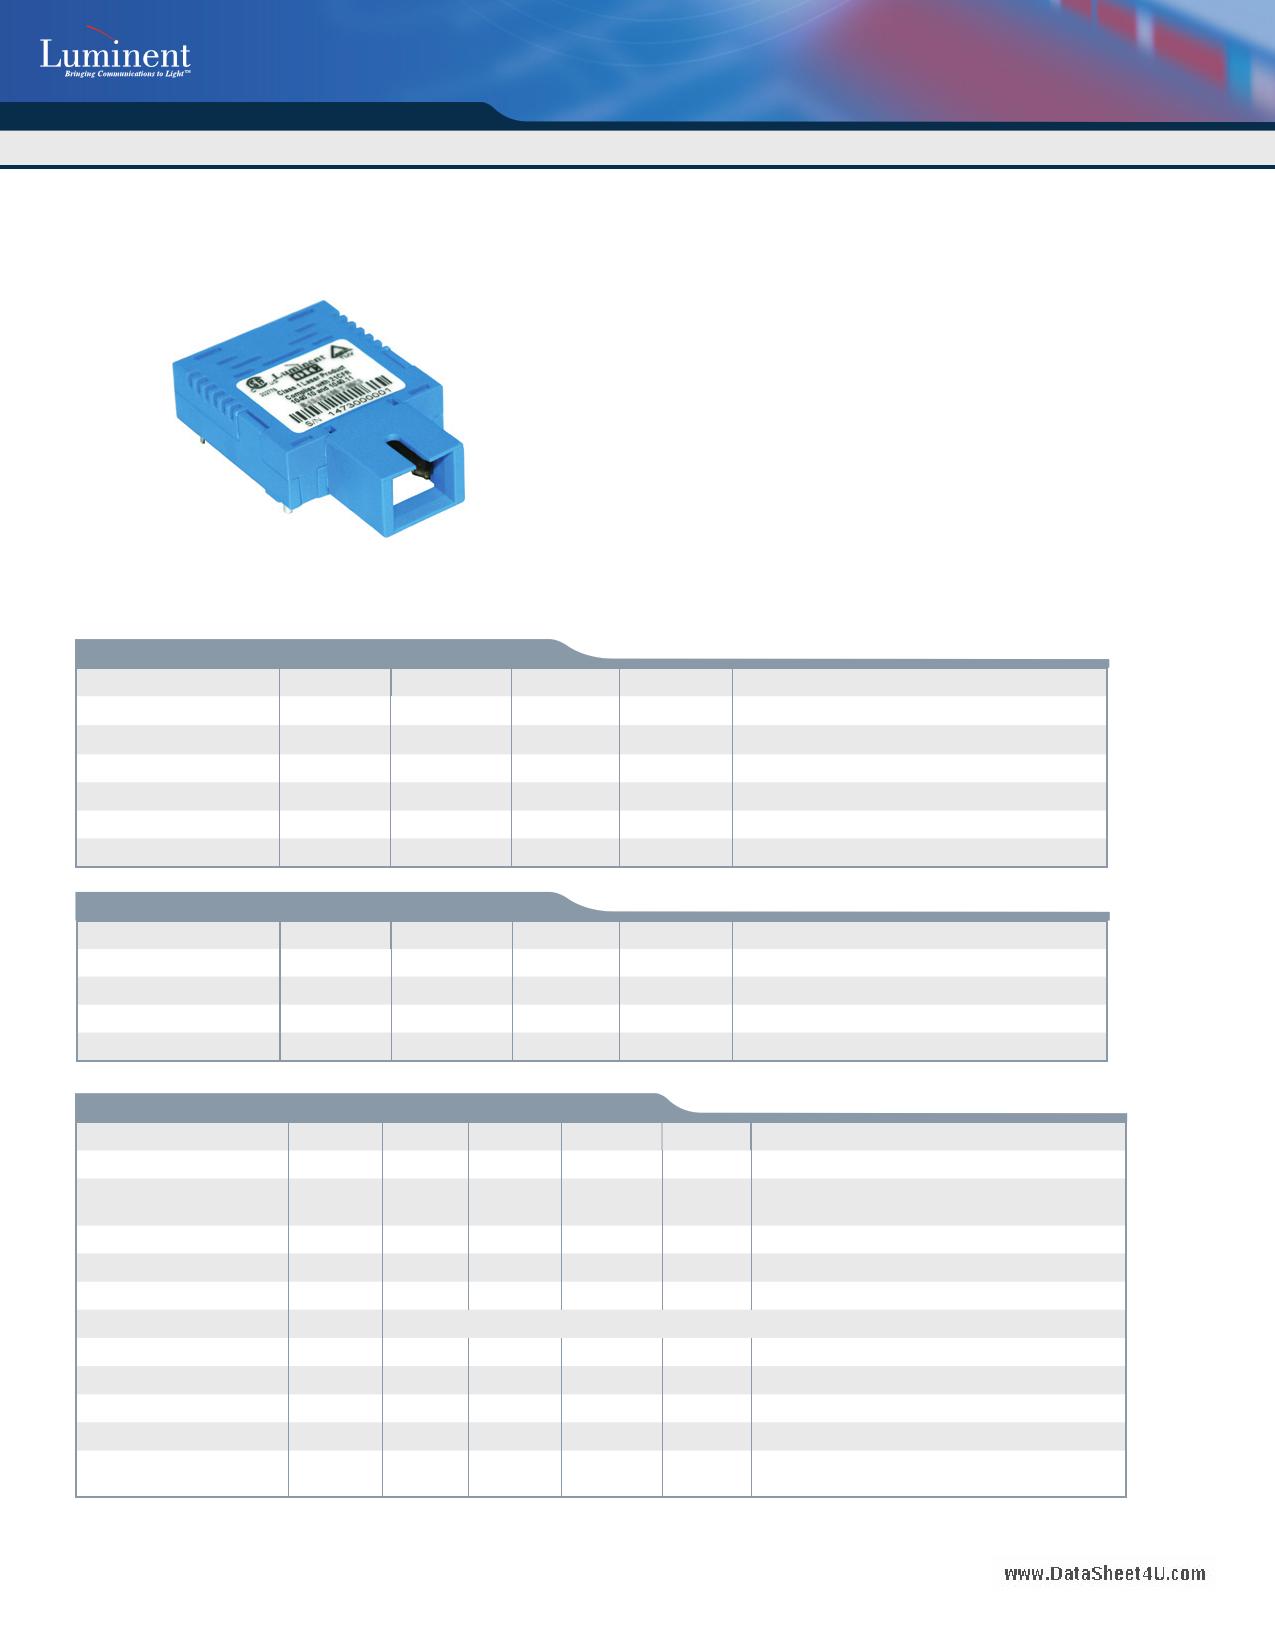 B-13-15-155-T-SSC4 datasheet